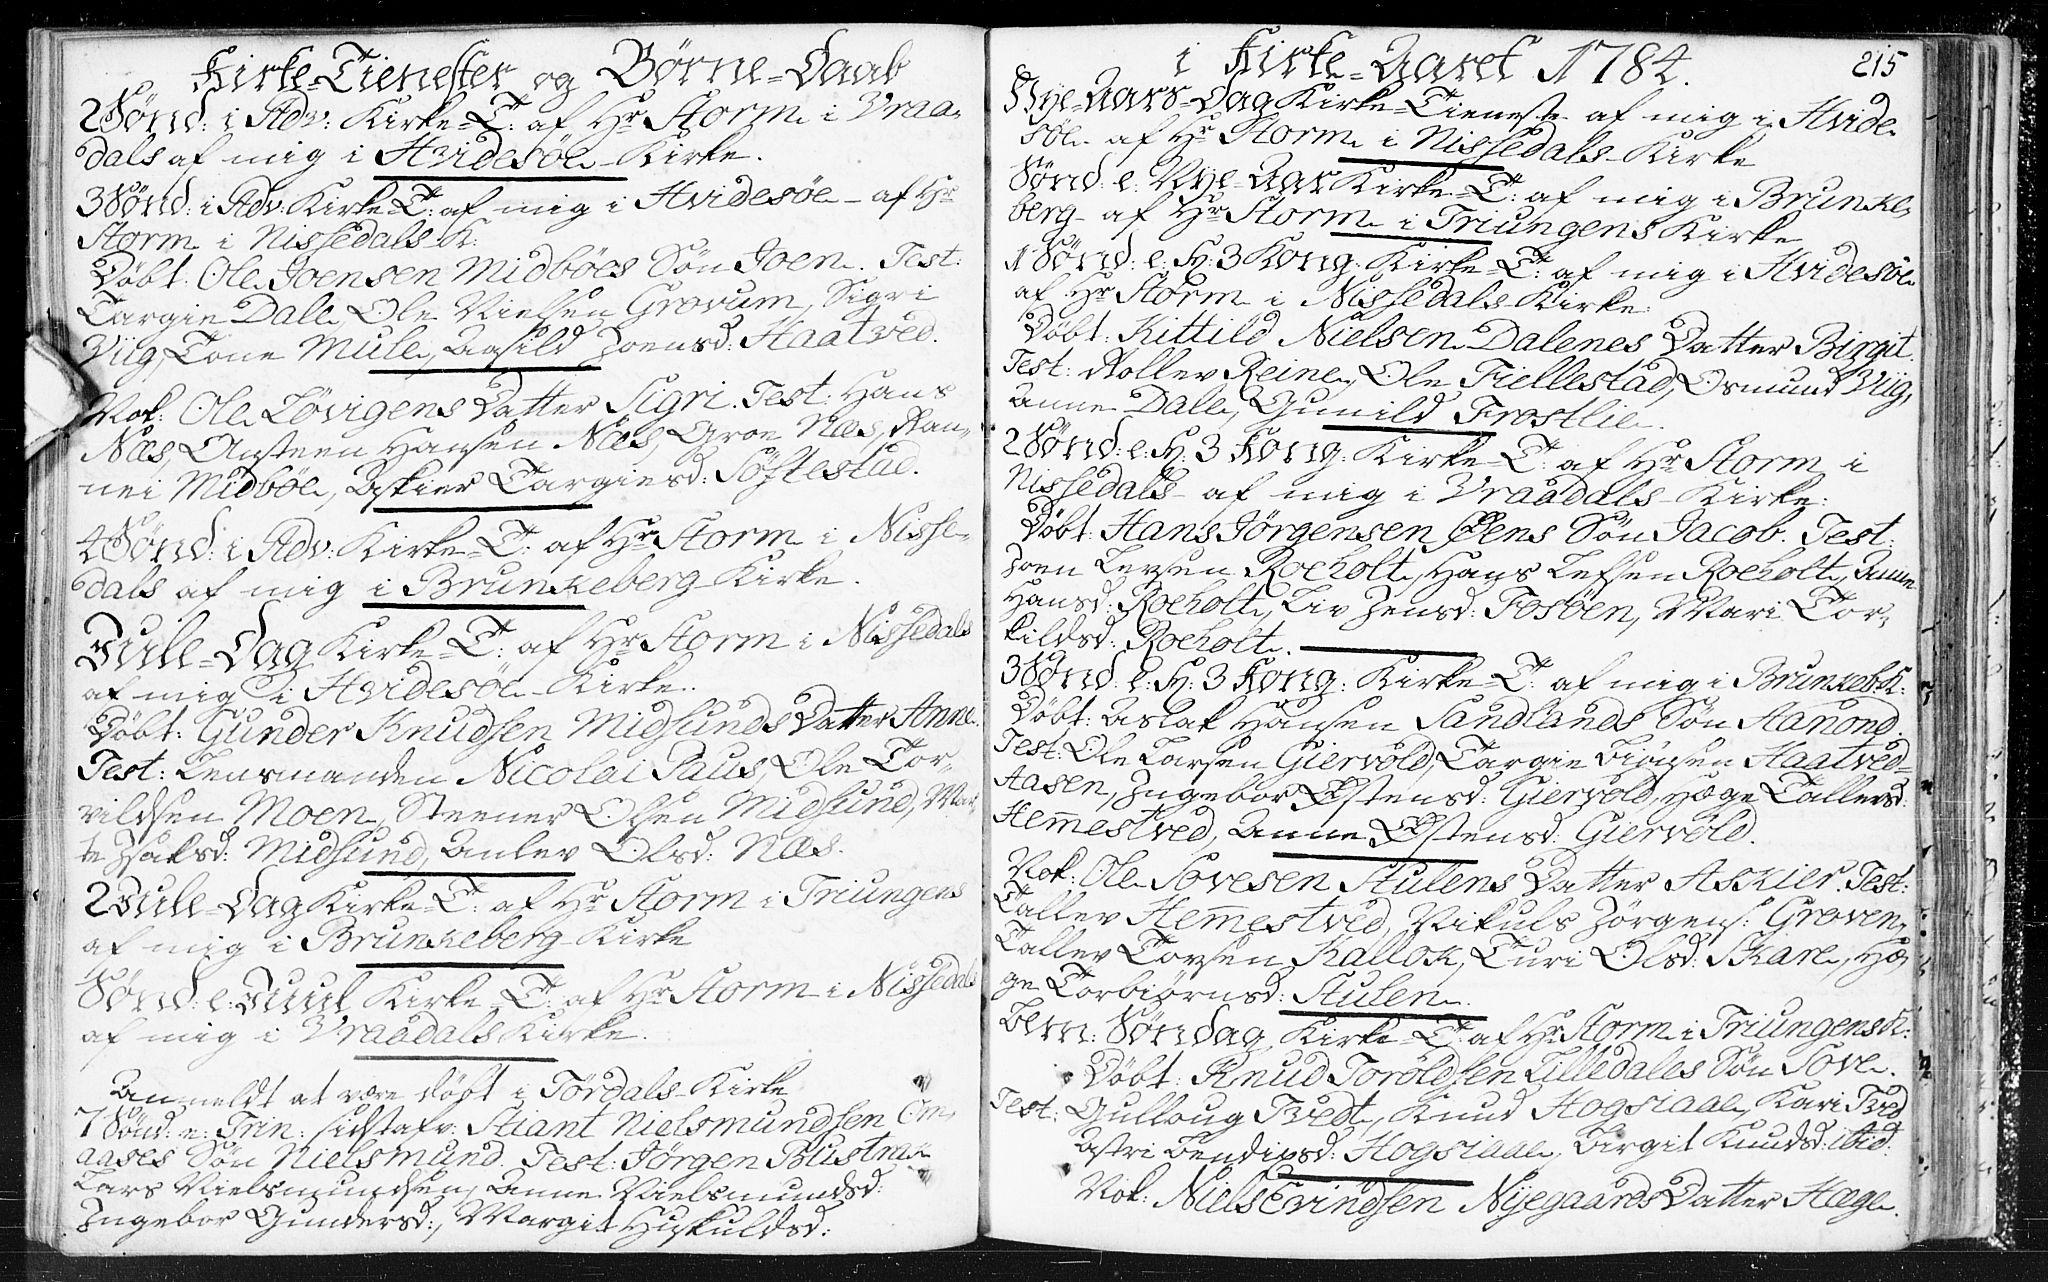 SAKO, Kviteseid kirkebøker, F/Fa/L0002: Ministerialbok nr. I 2, 1773-1786, s. 215